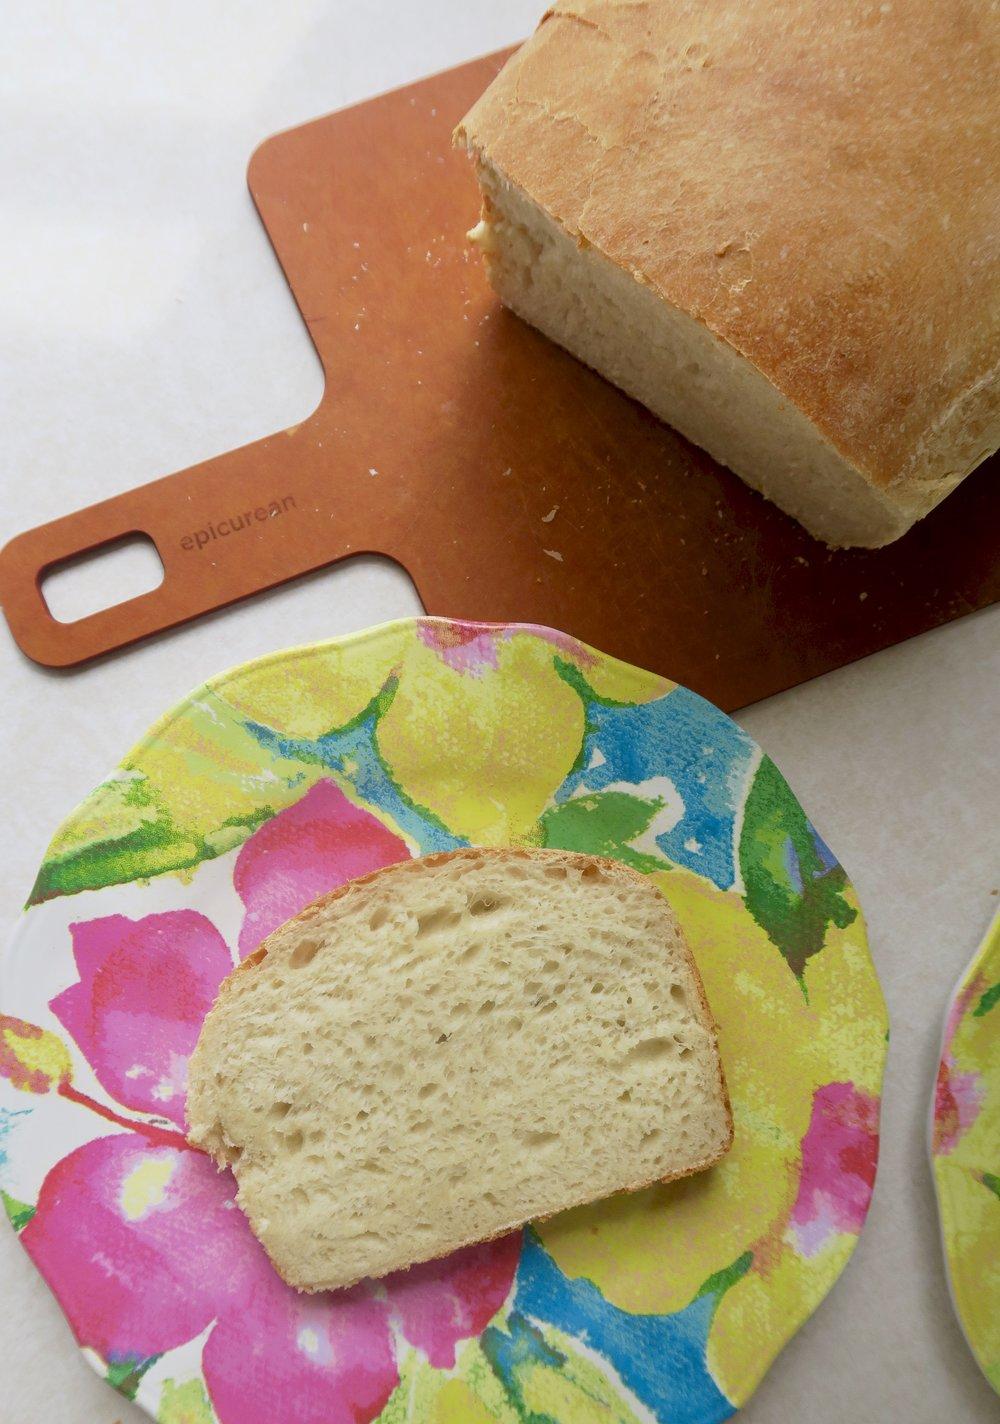 lake superior kitchen, duluth food, sourdough bread, bread recipe